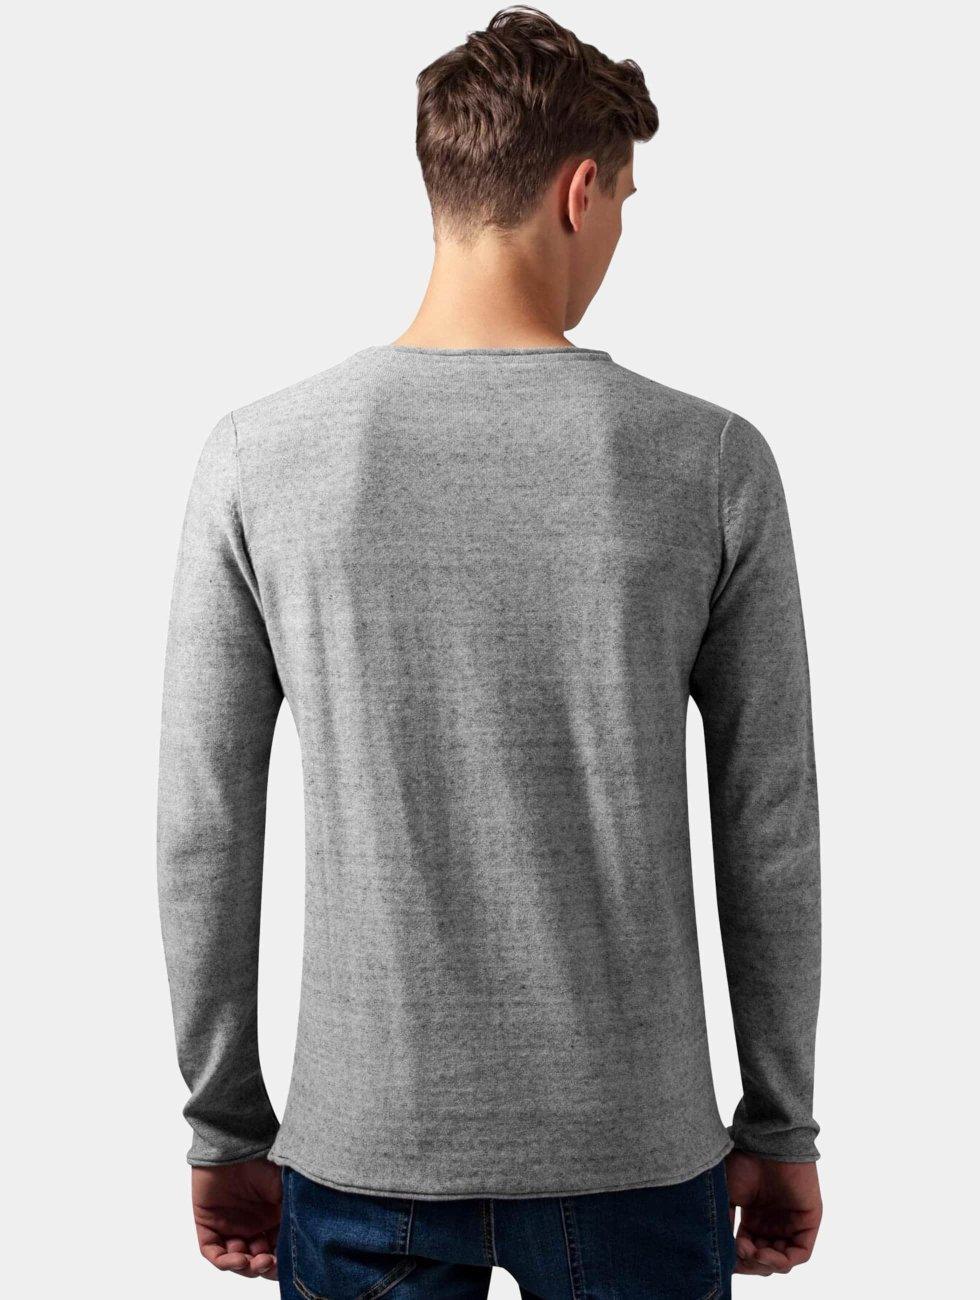 Urban Classics trui Fine Knit grijs